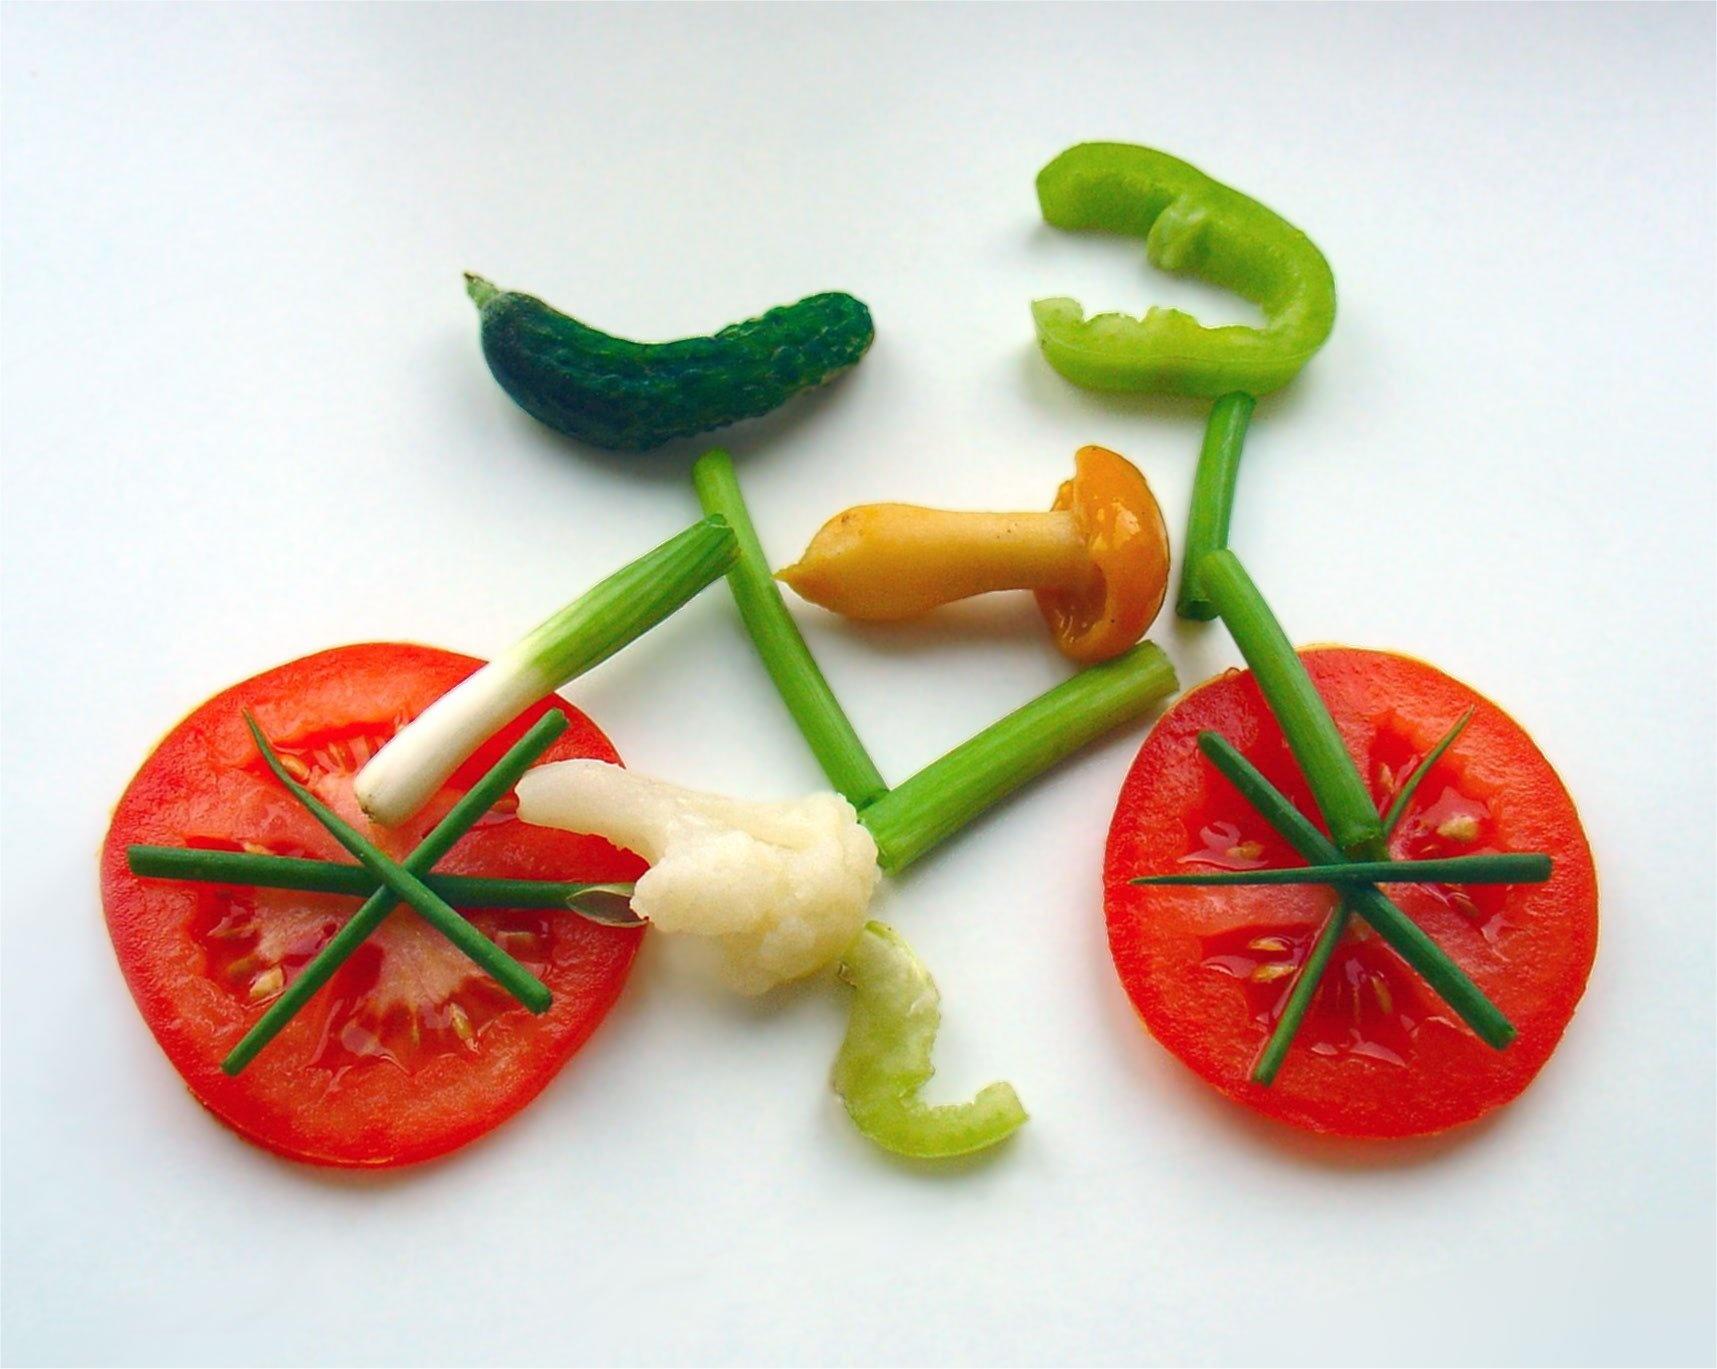 Нажмите для предварительного просмотра изображения.  Харьковчан научат вести здоровый образ жизни.